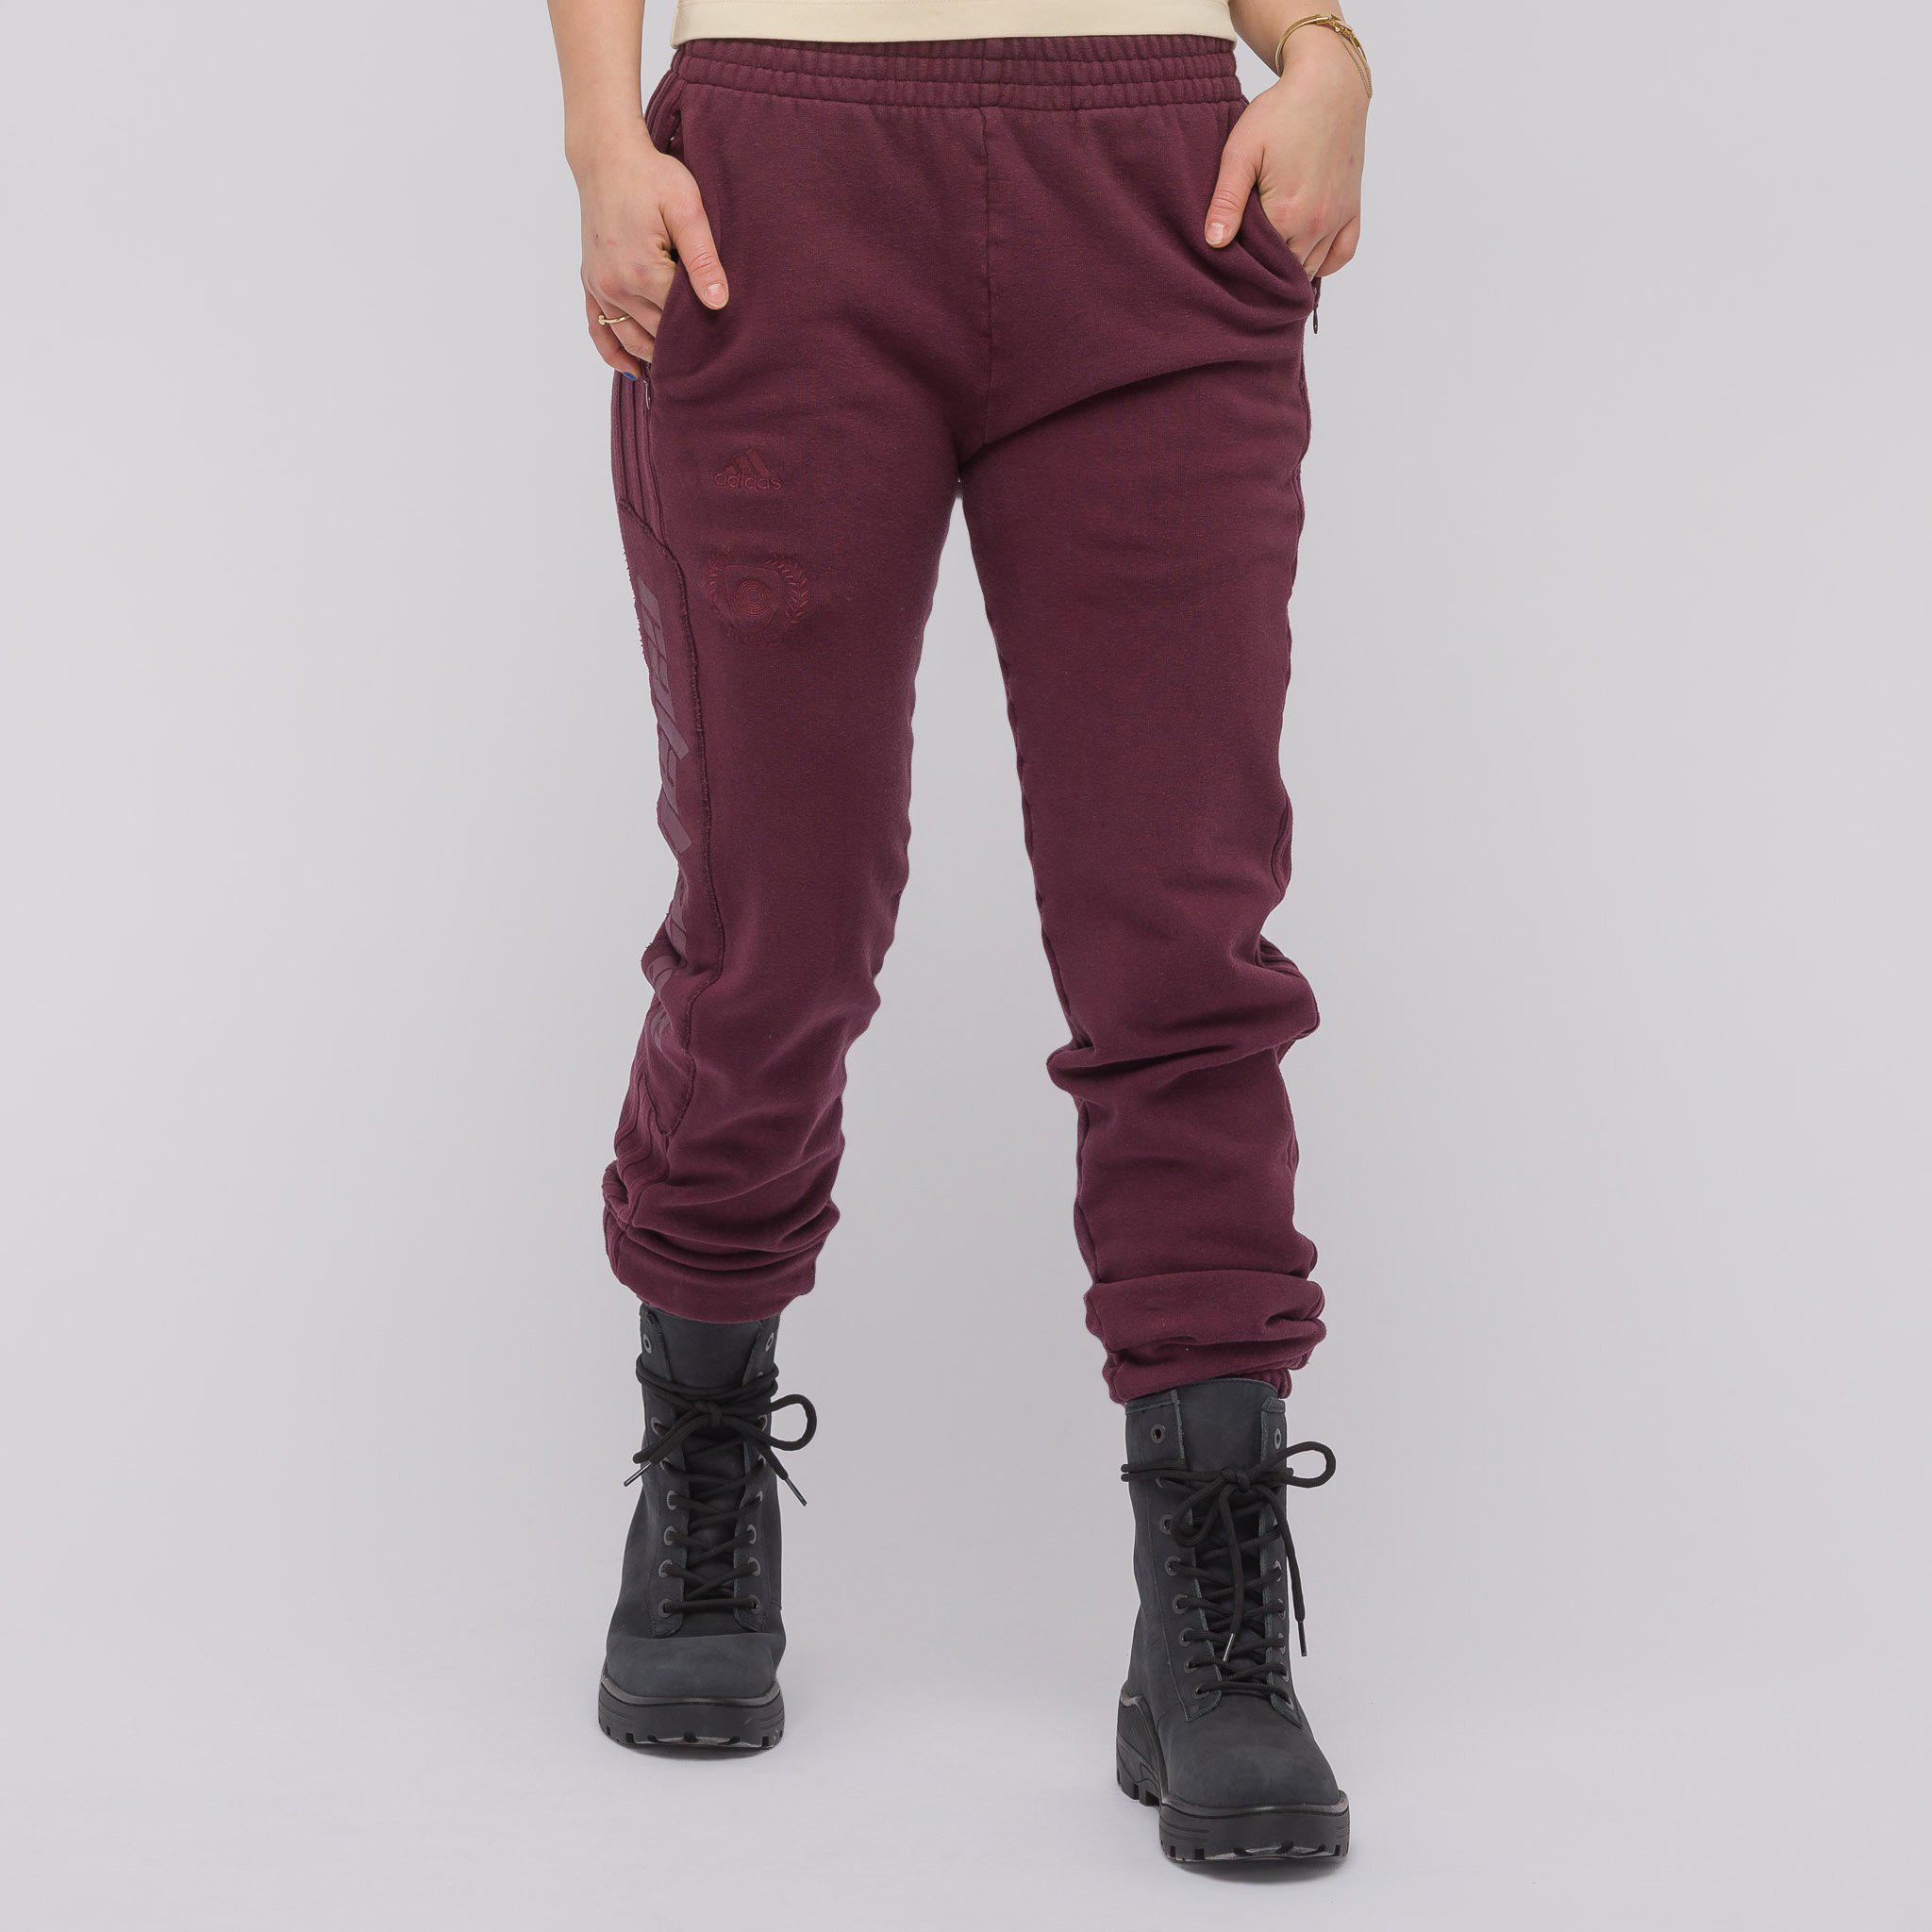 a2eaf8a8bdaa5 Lyst - Yeezy Women s Calabasas Sweatpants In Oxblood in Purple for Men